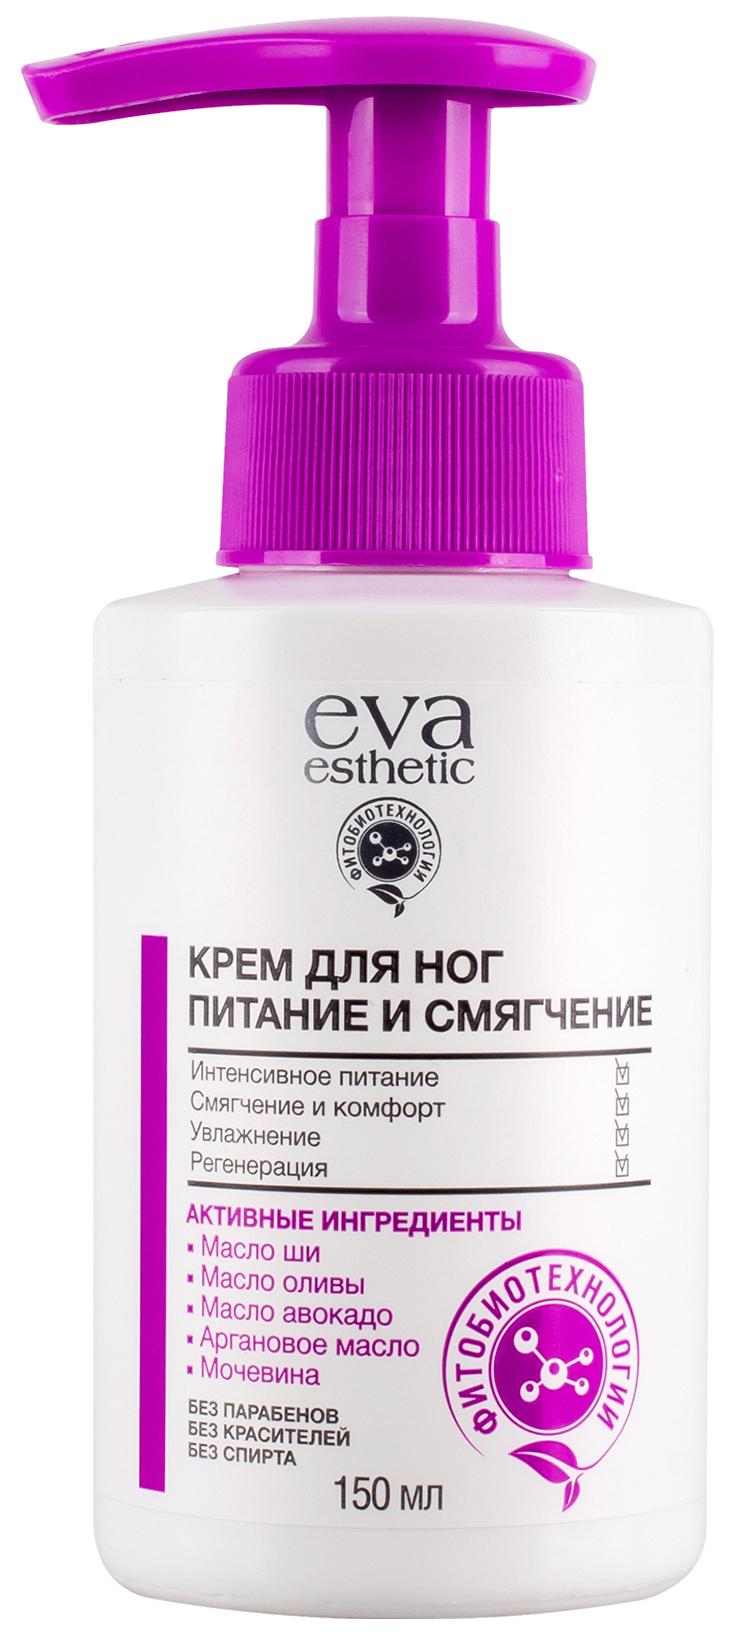 Крем для ног Eva Esthetic питание и смягчение 150 мл